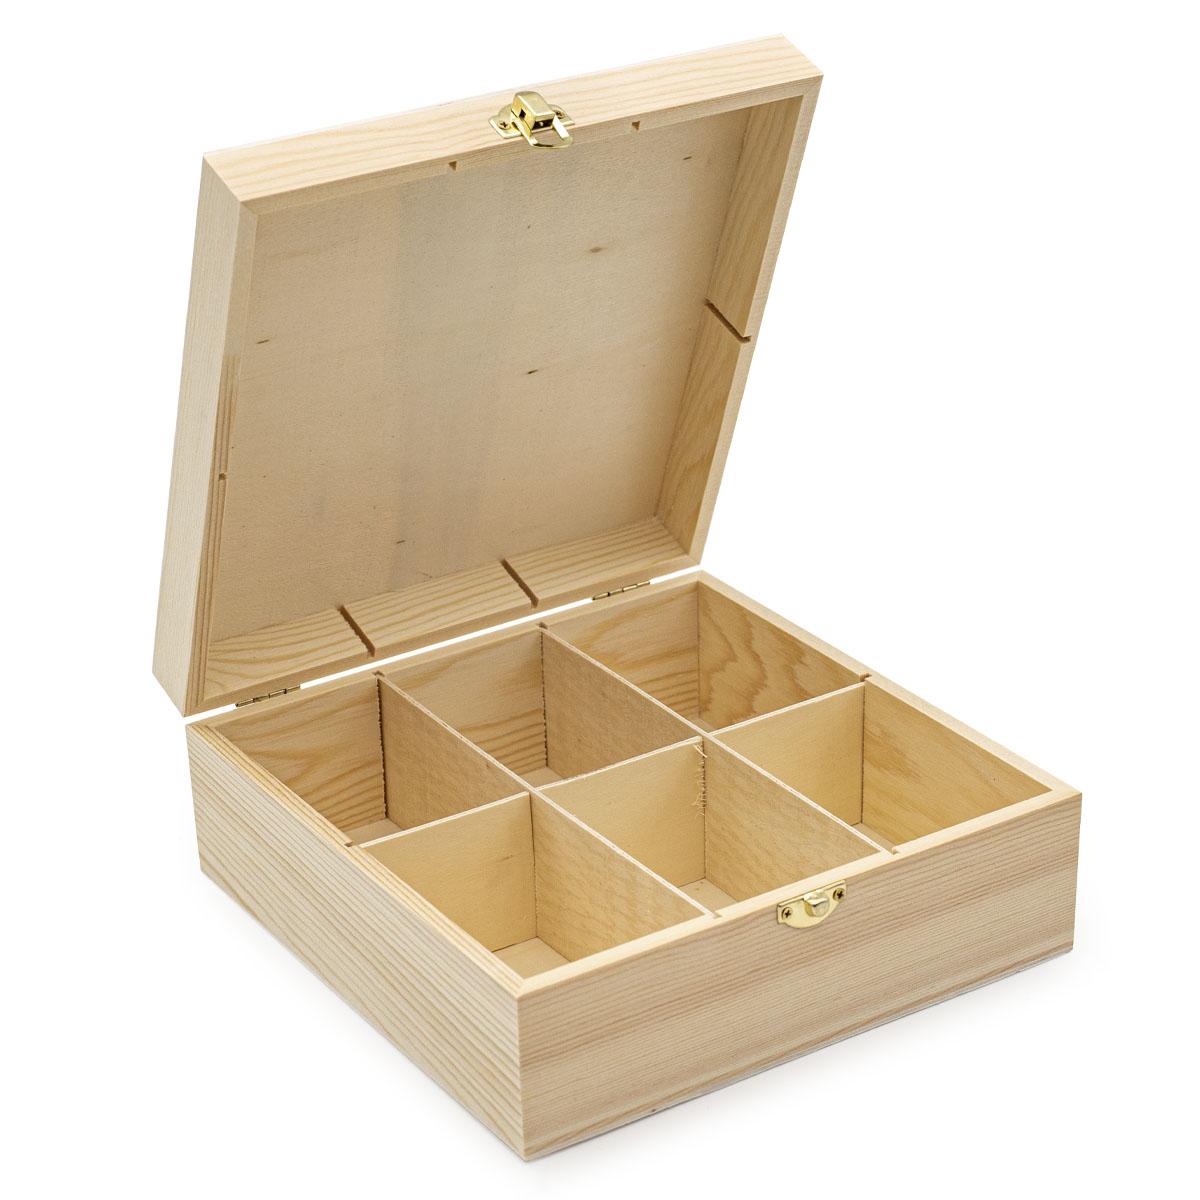 LYE015988 Шкатулка деревянная с шестью отсеками (сосна/фанера из тополя), 21.5*21.5*8.5см